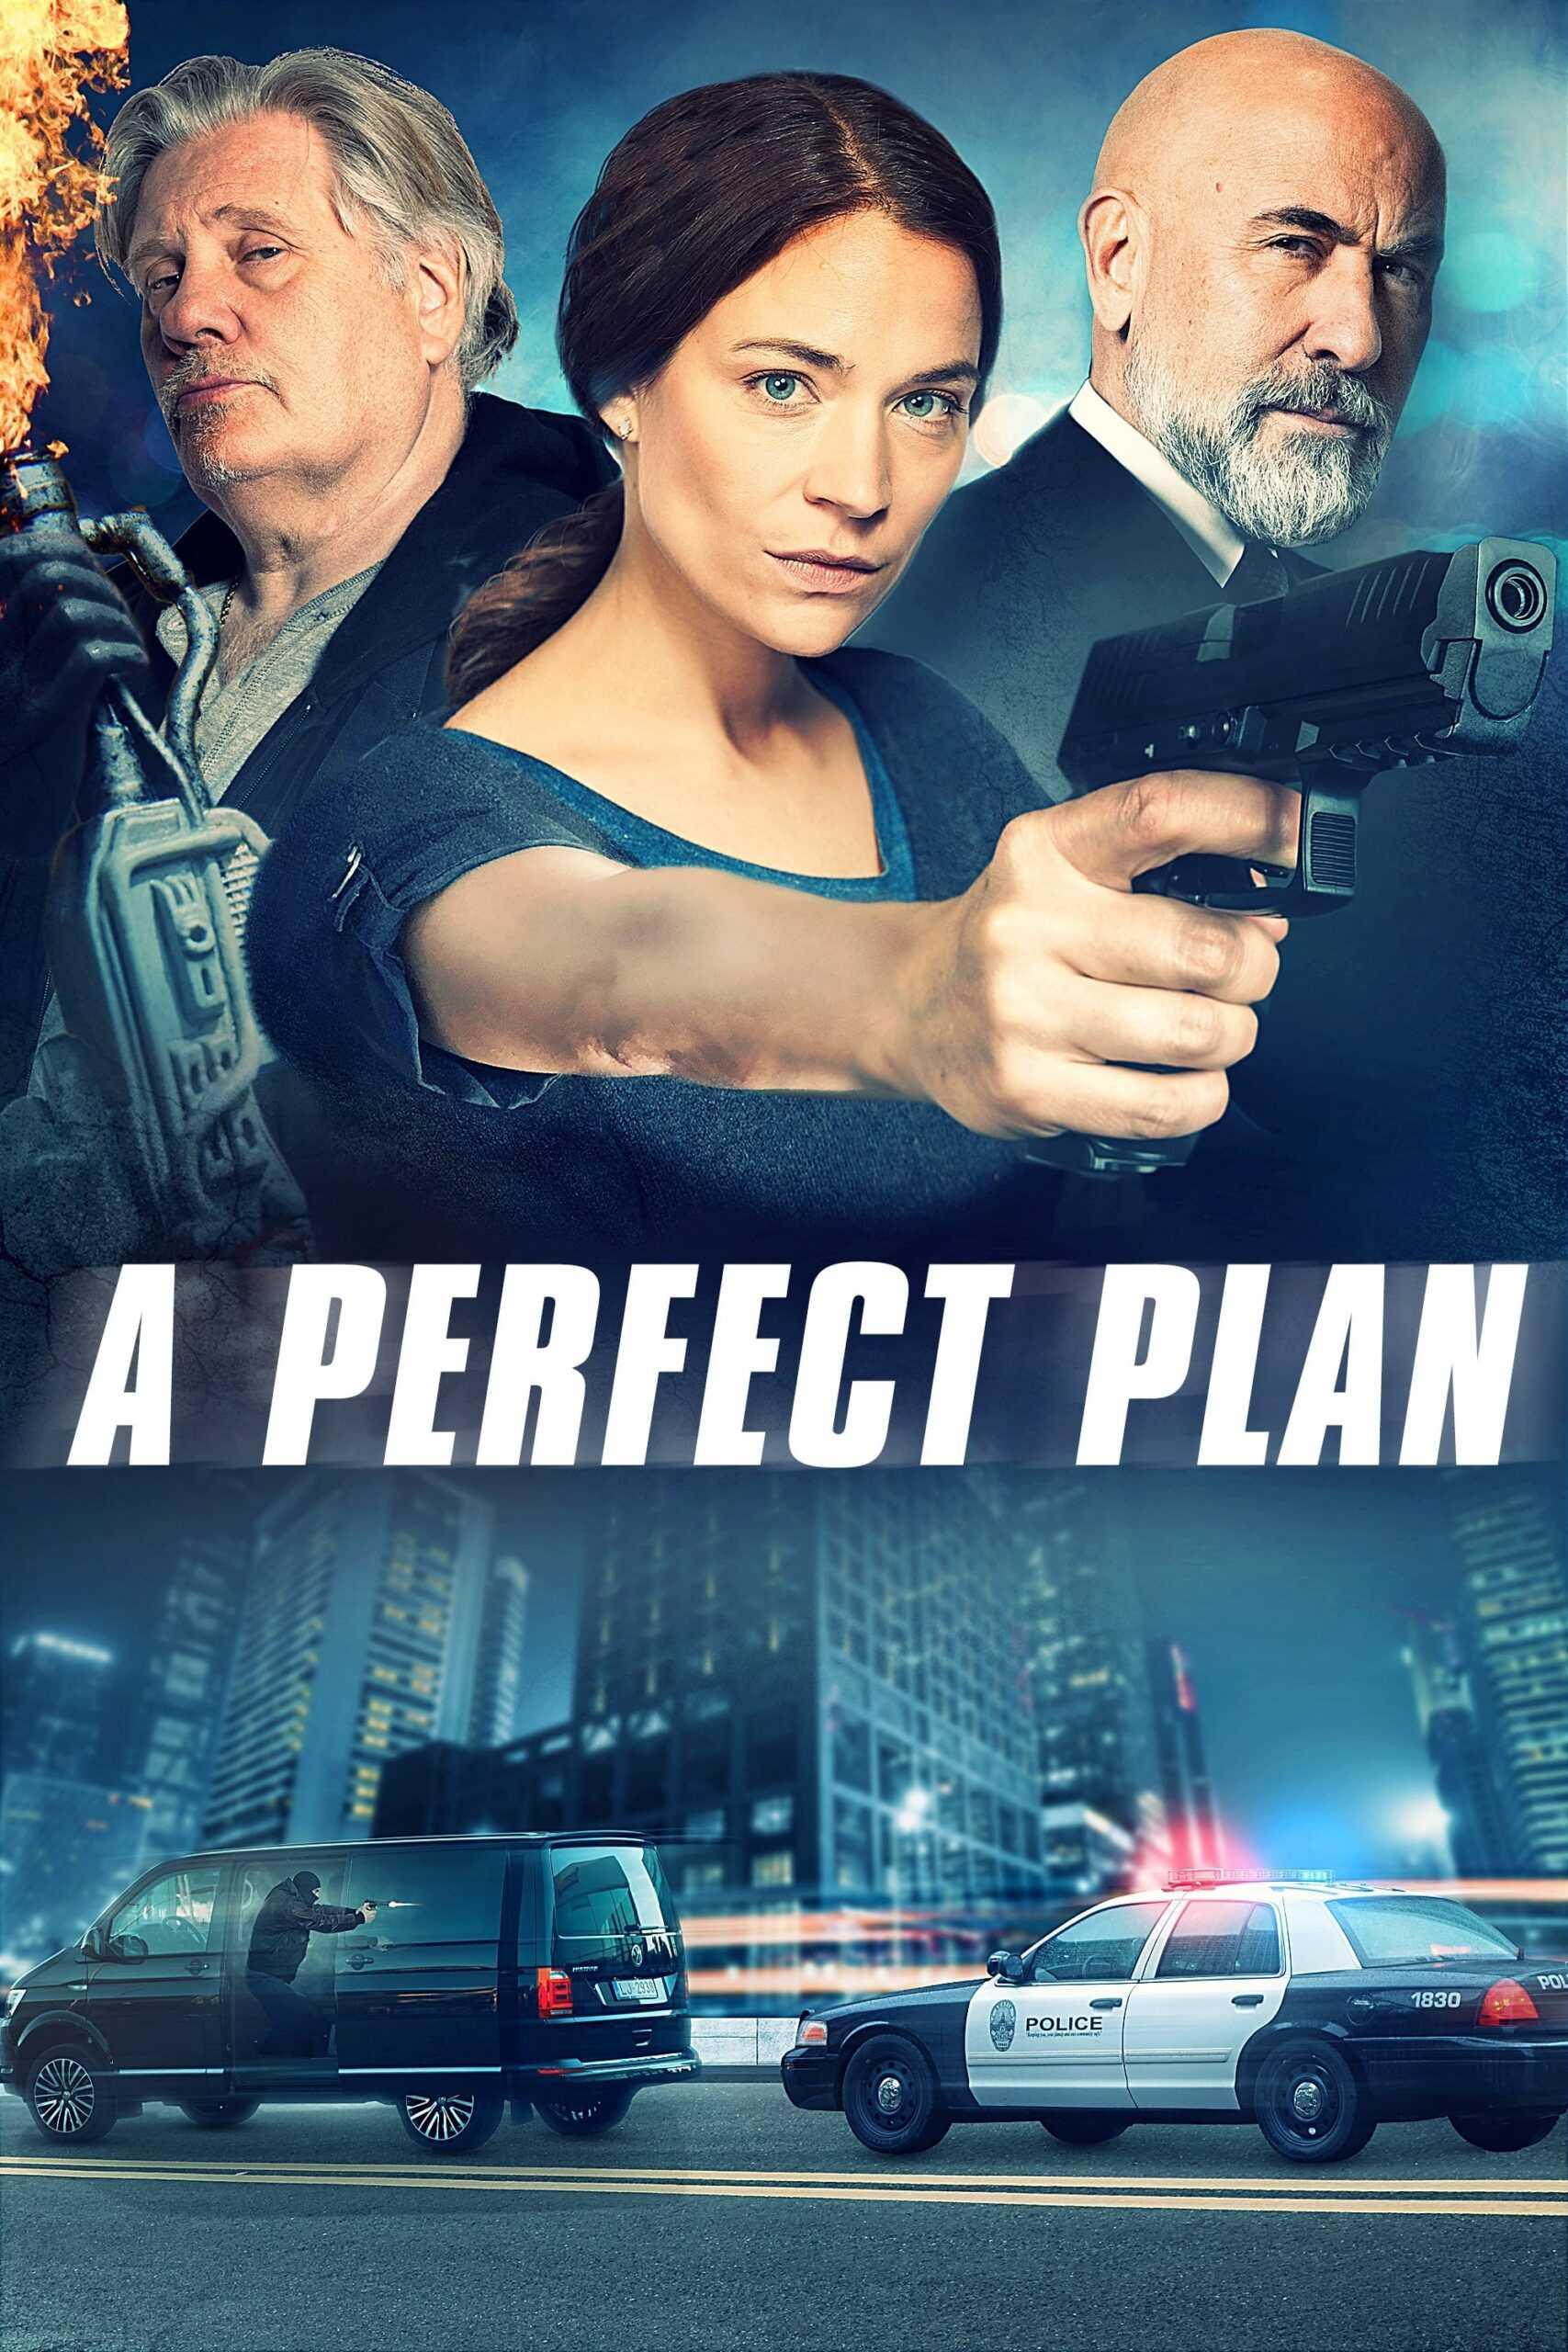 A Perfect Plan (2020) Türkçe Altyazılı izle - Videoseyredin